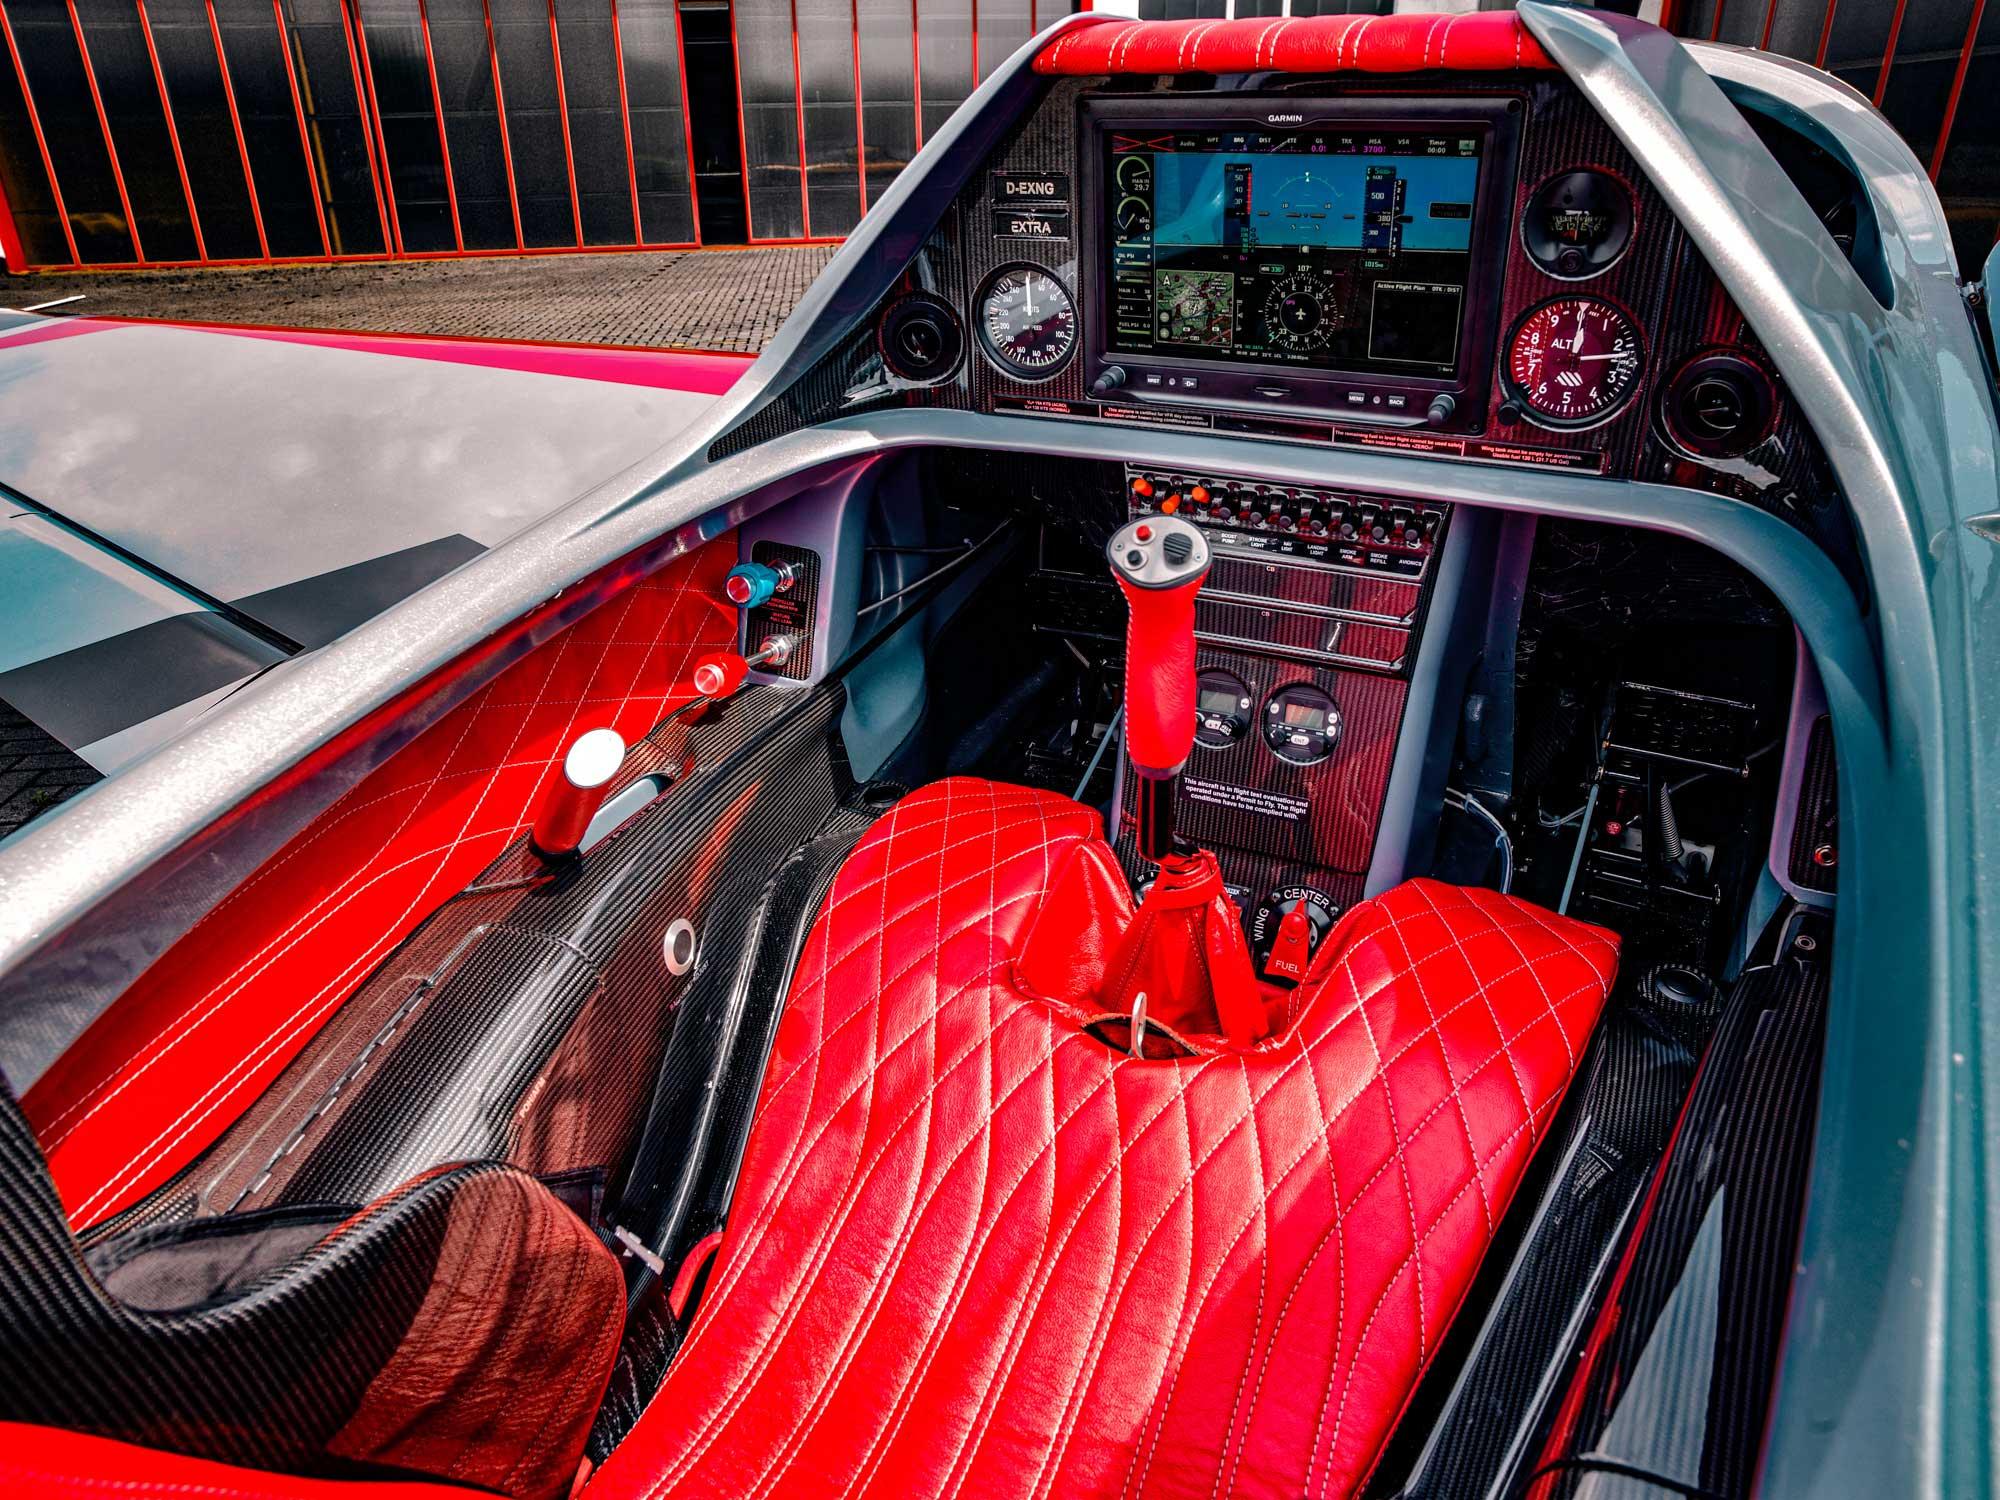 Extra NG cockpit